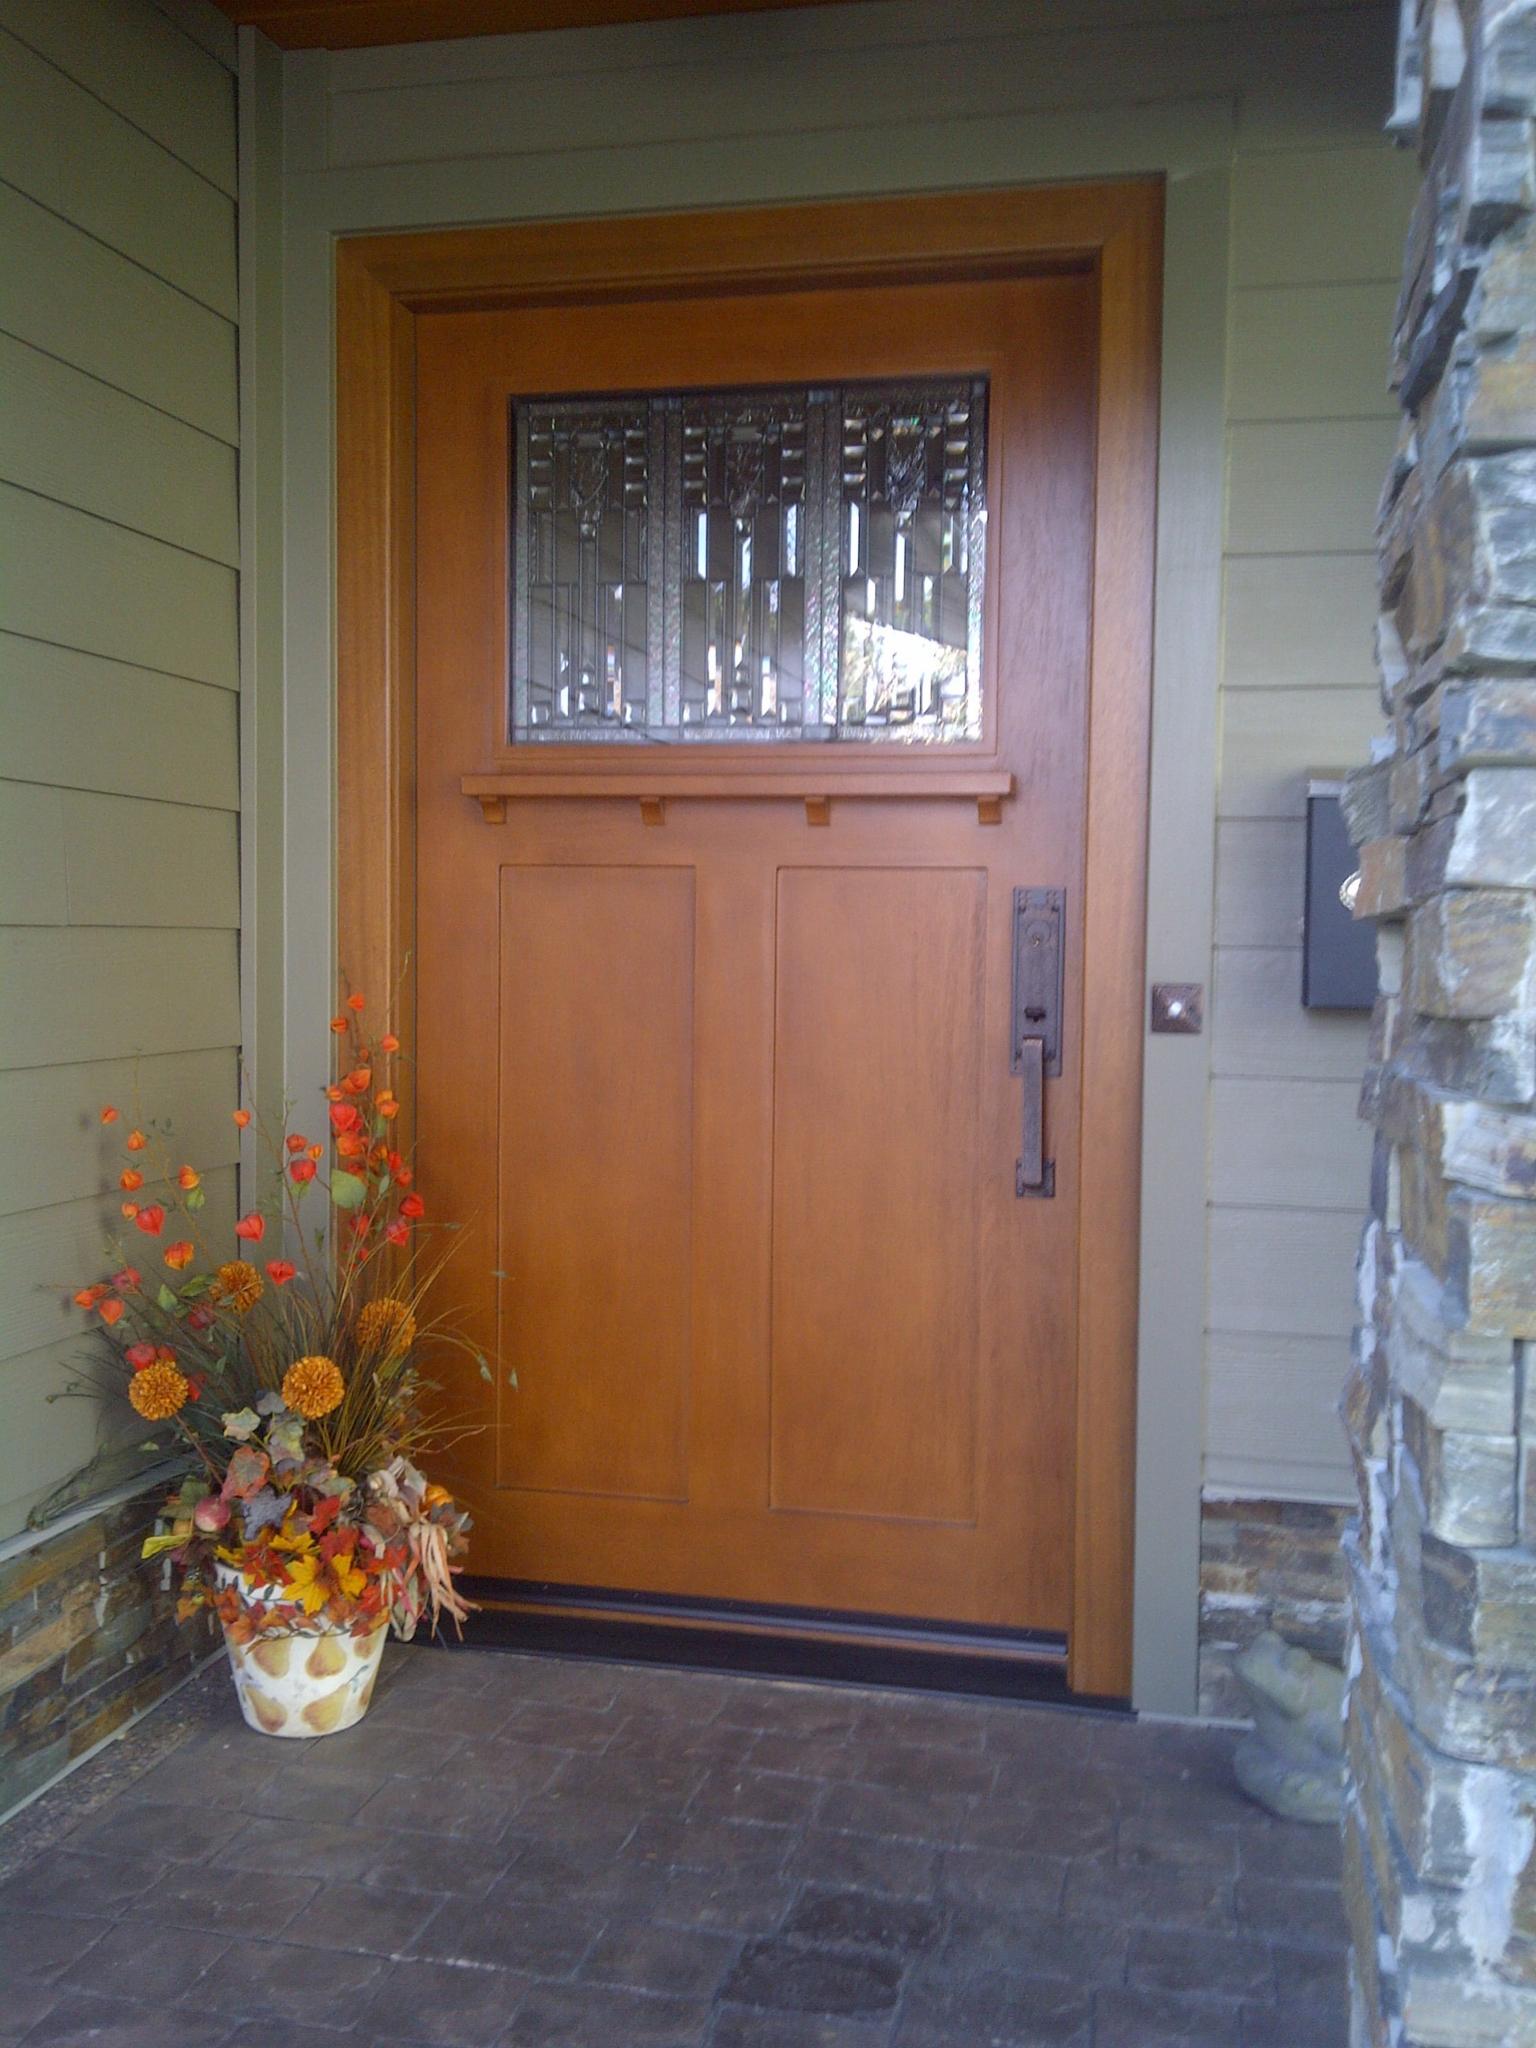 Old West Windows & Doors - Calgary, AB T2E 7A7 - (403)262-3933 | ShowMeLocal.com